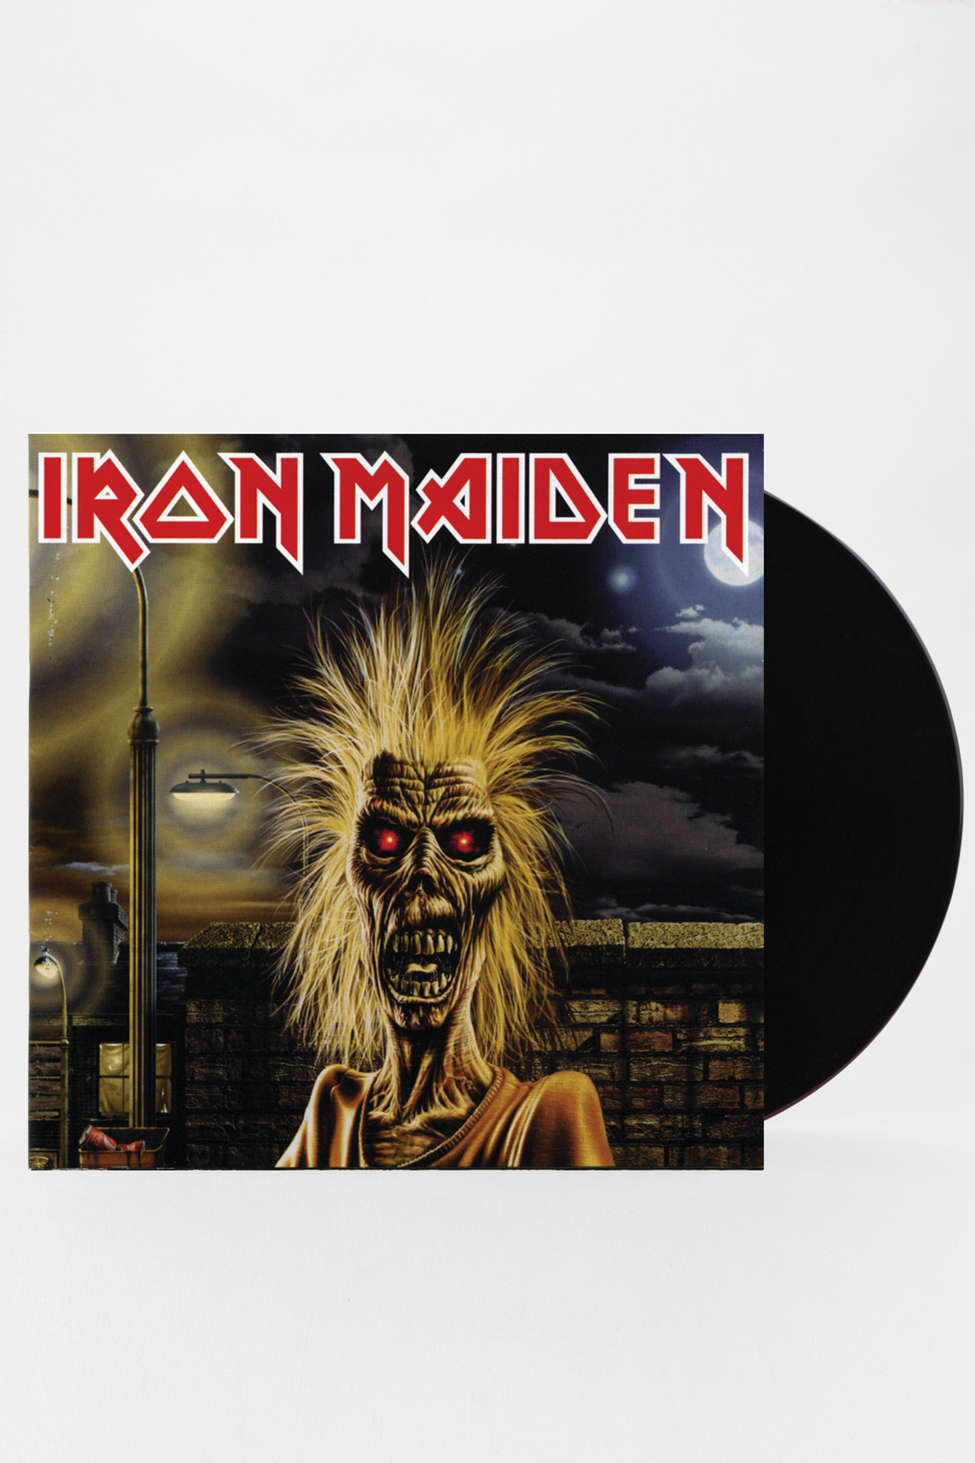 Iron Maiden - Iron Maiden LP - Urban Outfitters